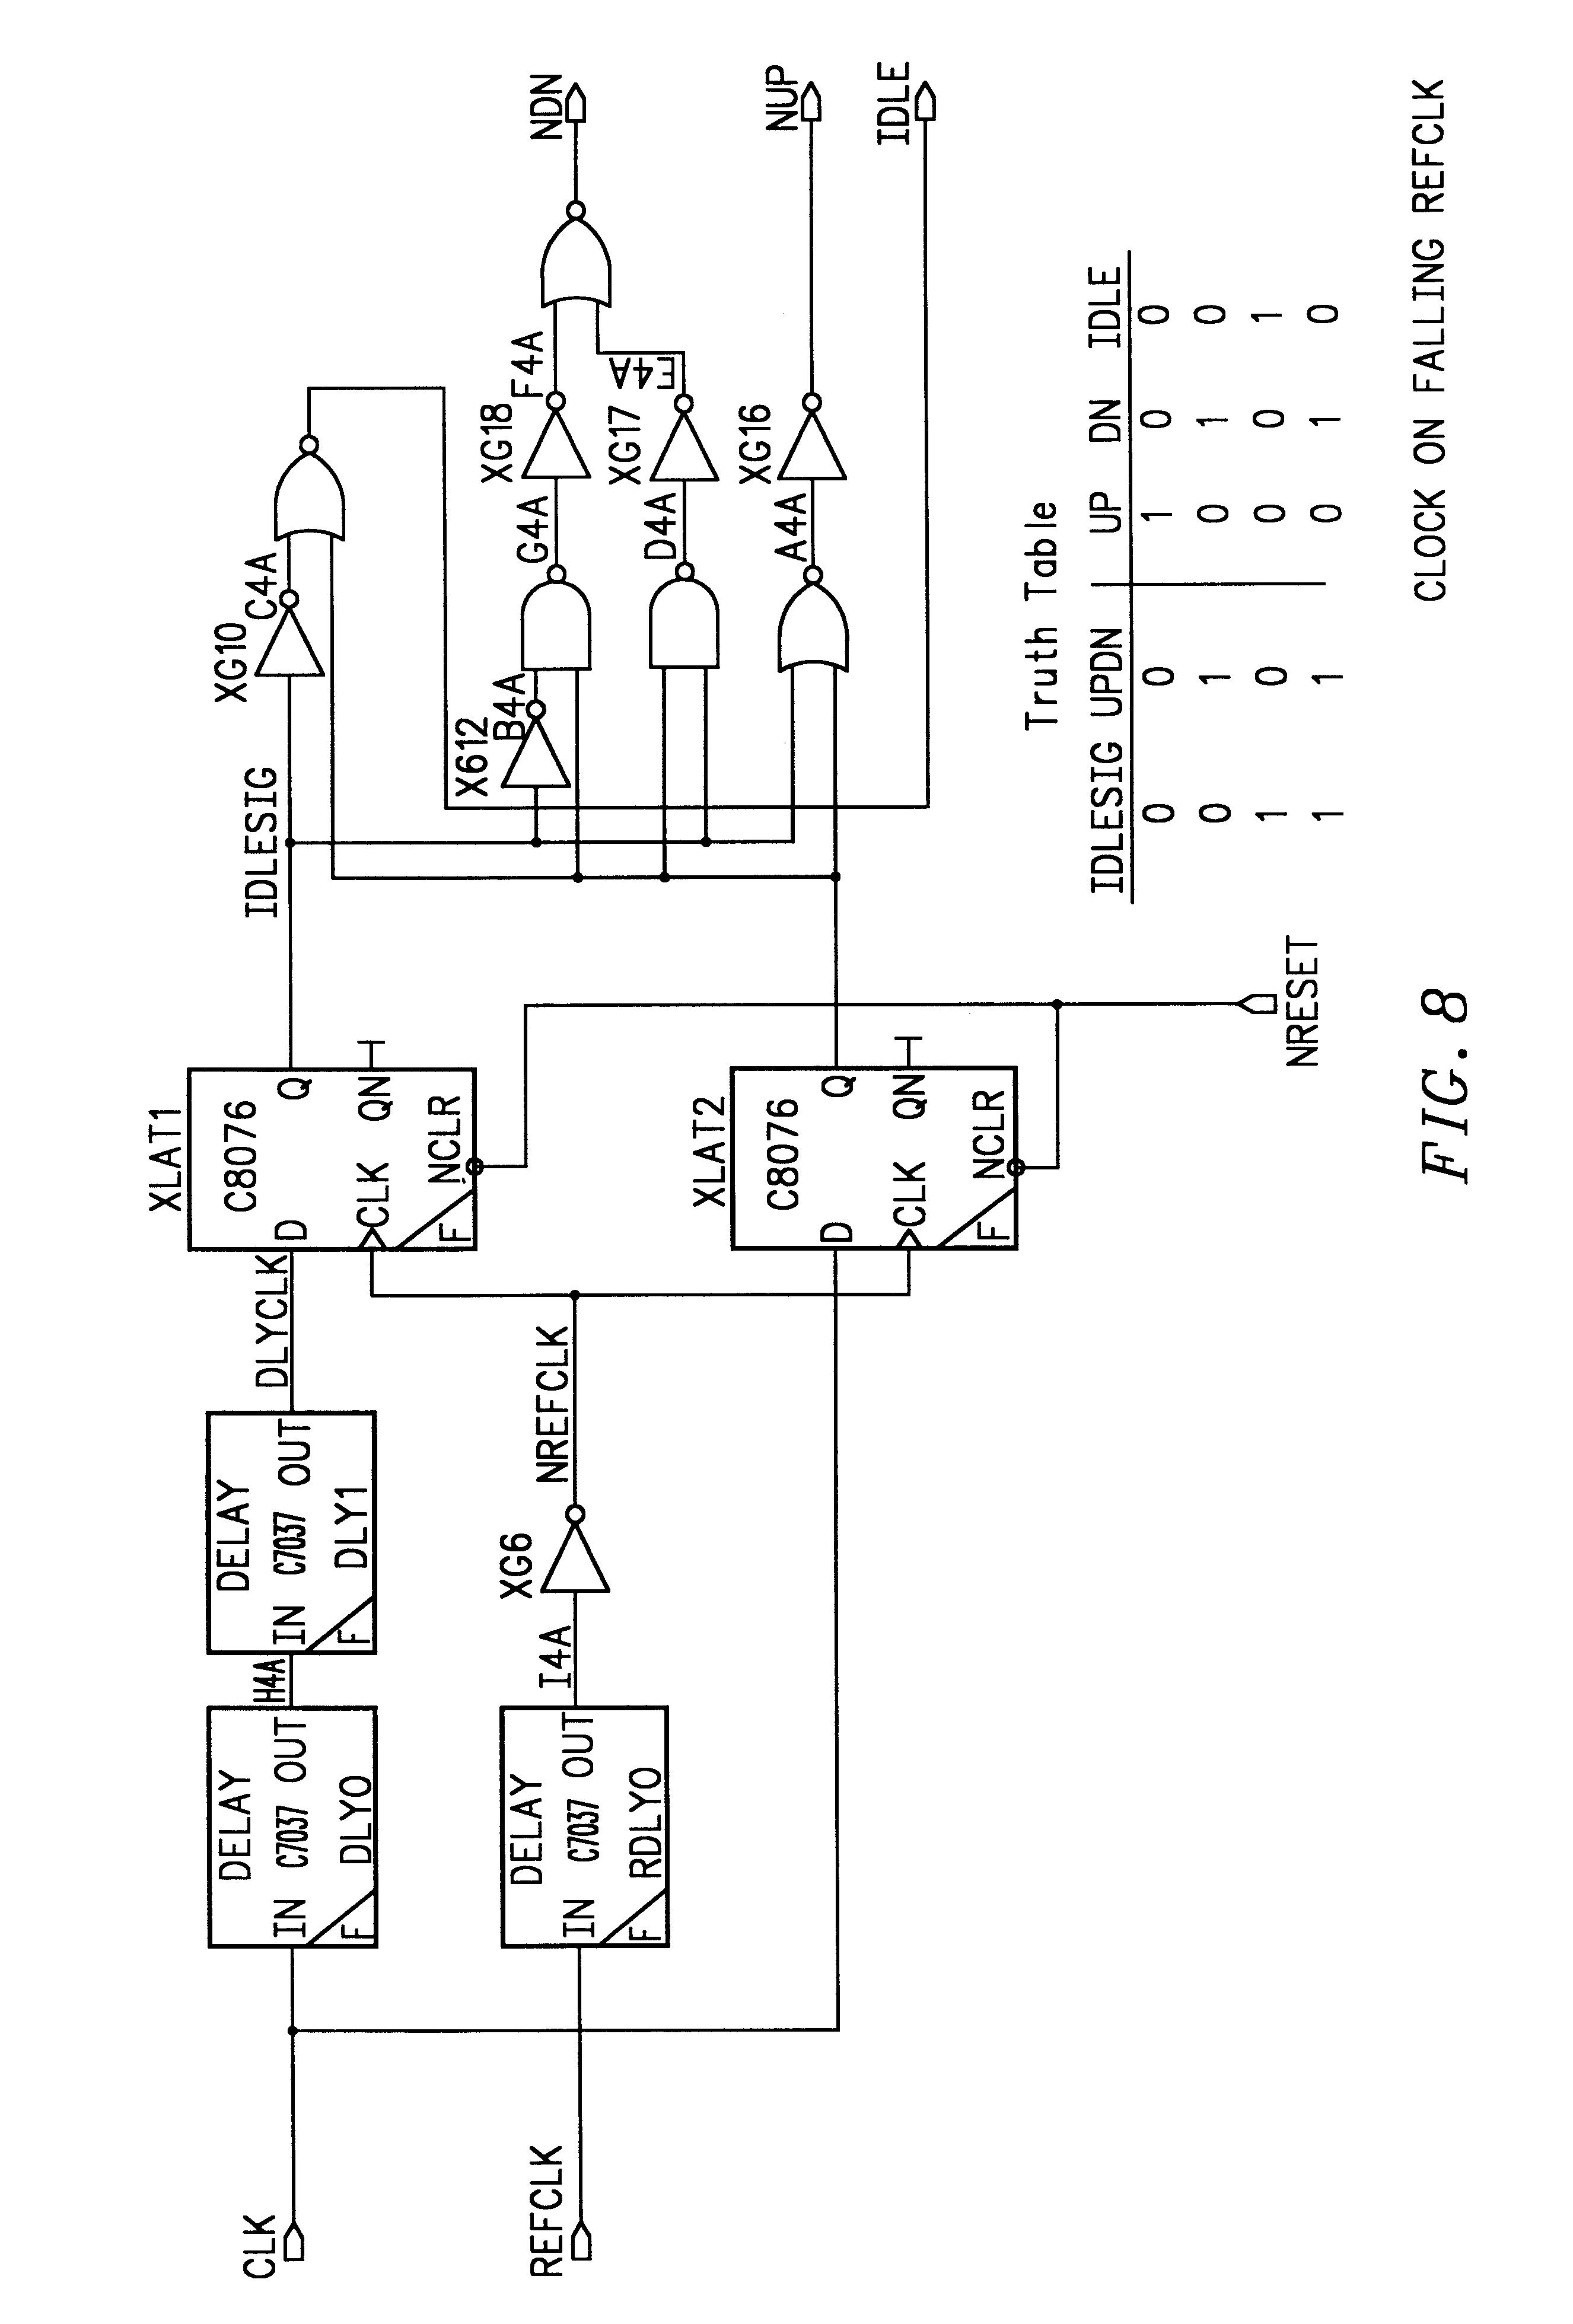 patent us6292016